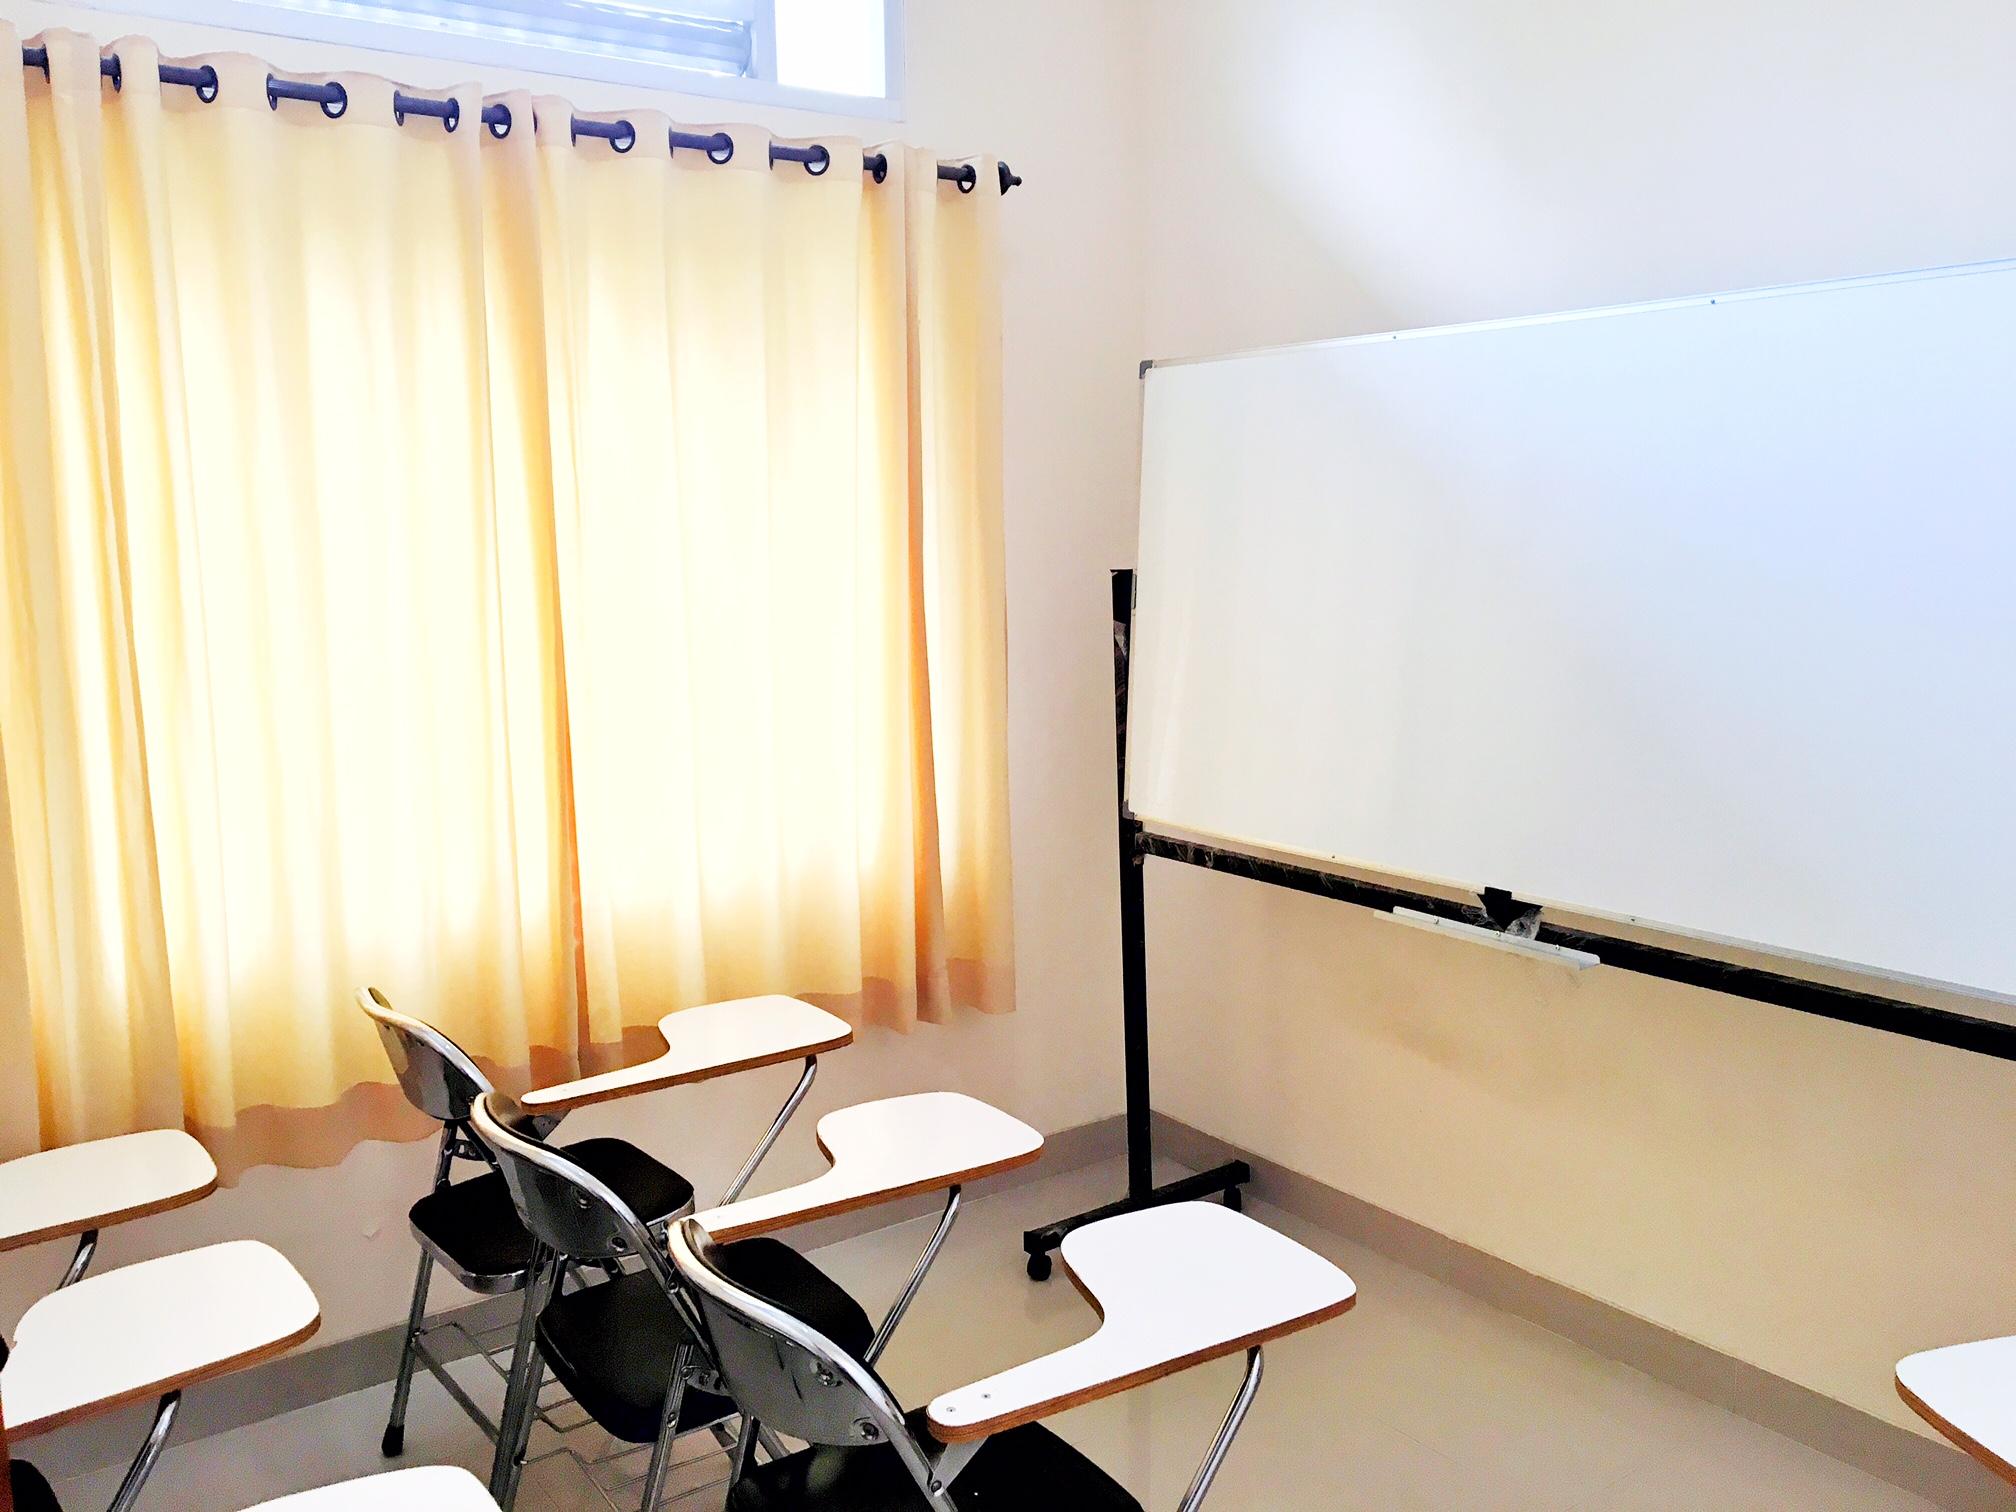 Ruangan Kelas D7 Bimbel STAN